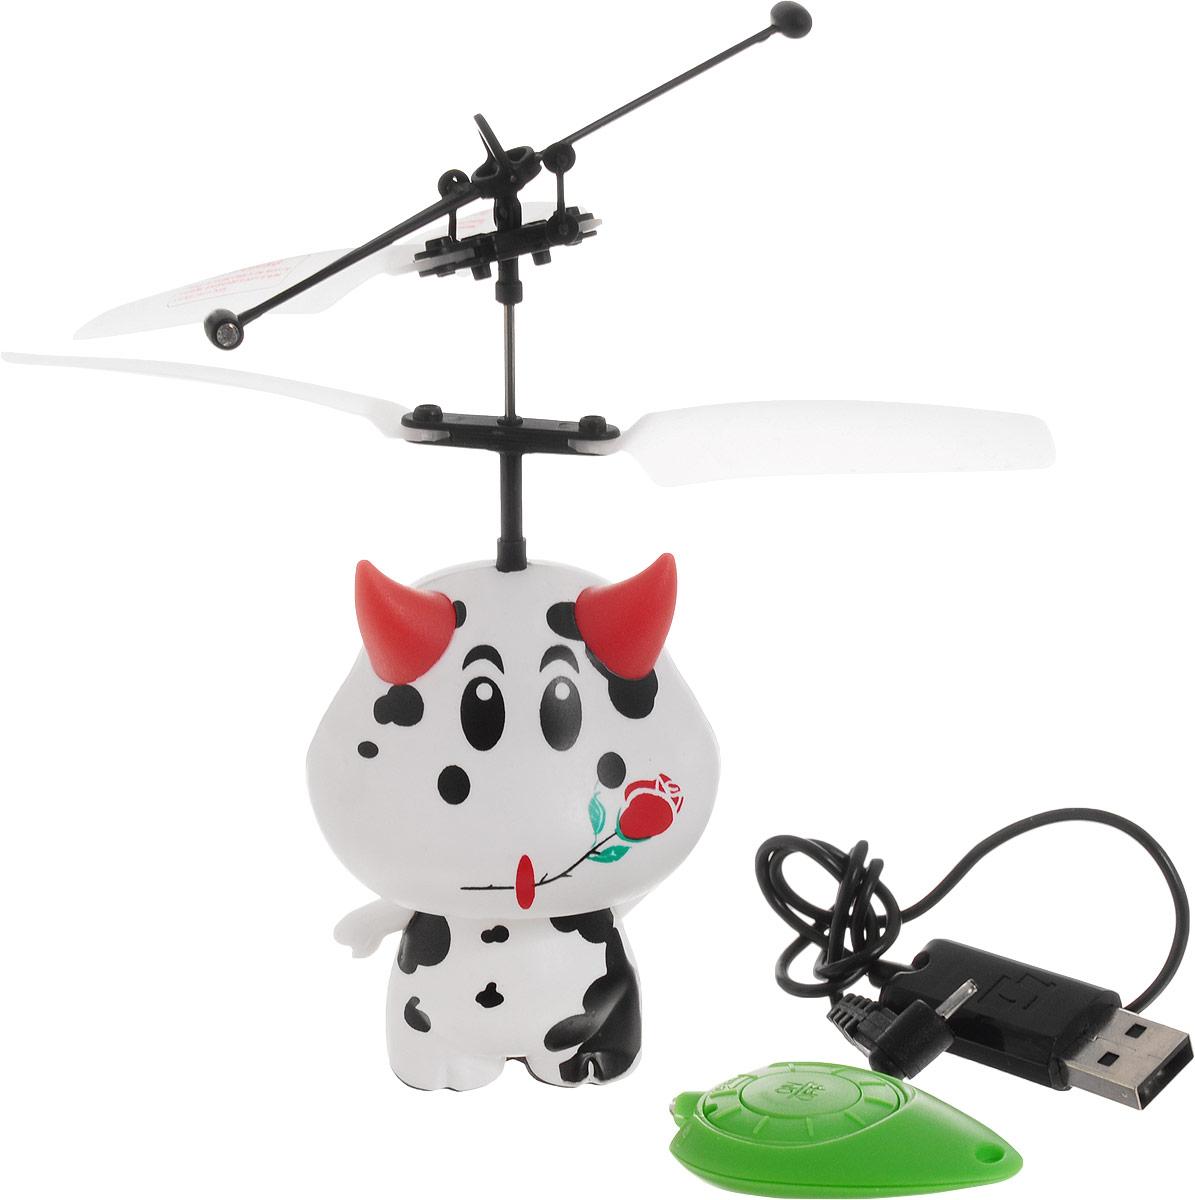 Balbi Мини-флаер на инфракрасном управлении Веселая коровка - Радиоуправляемые игрушки